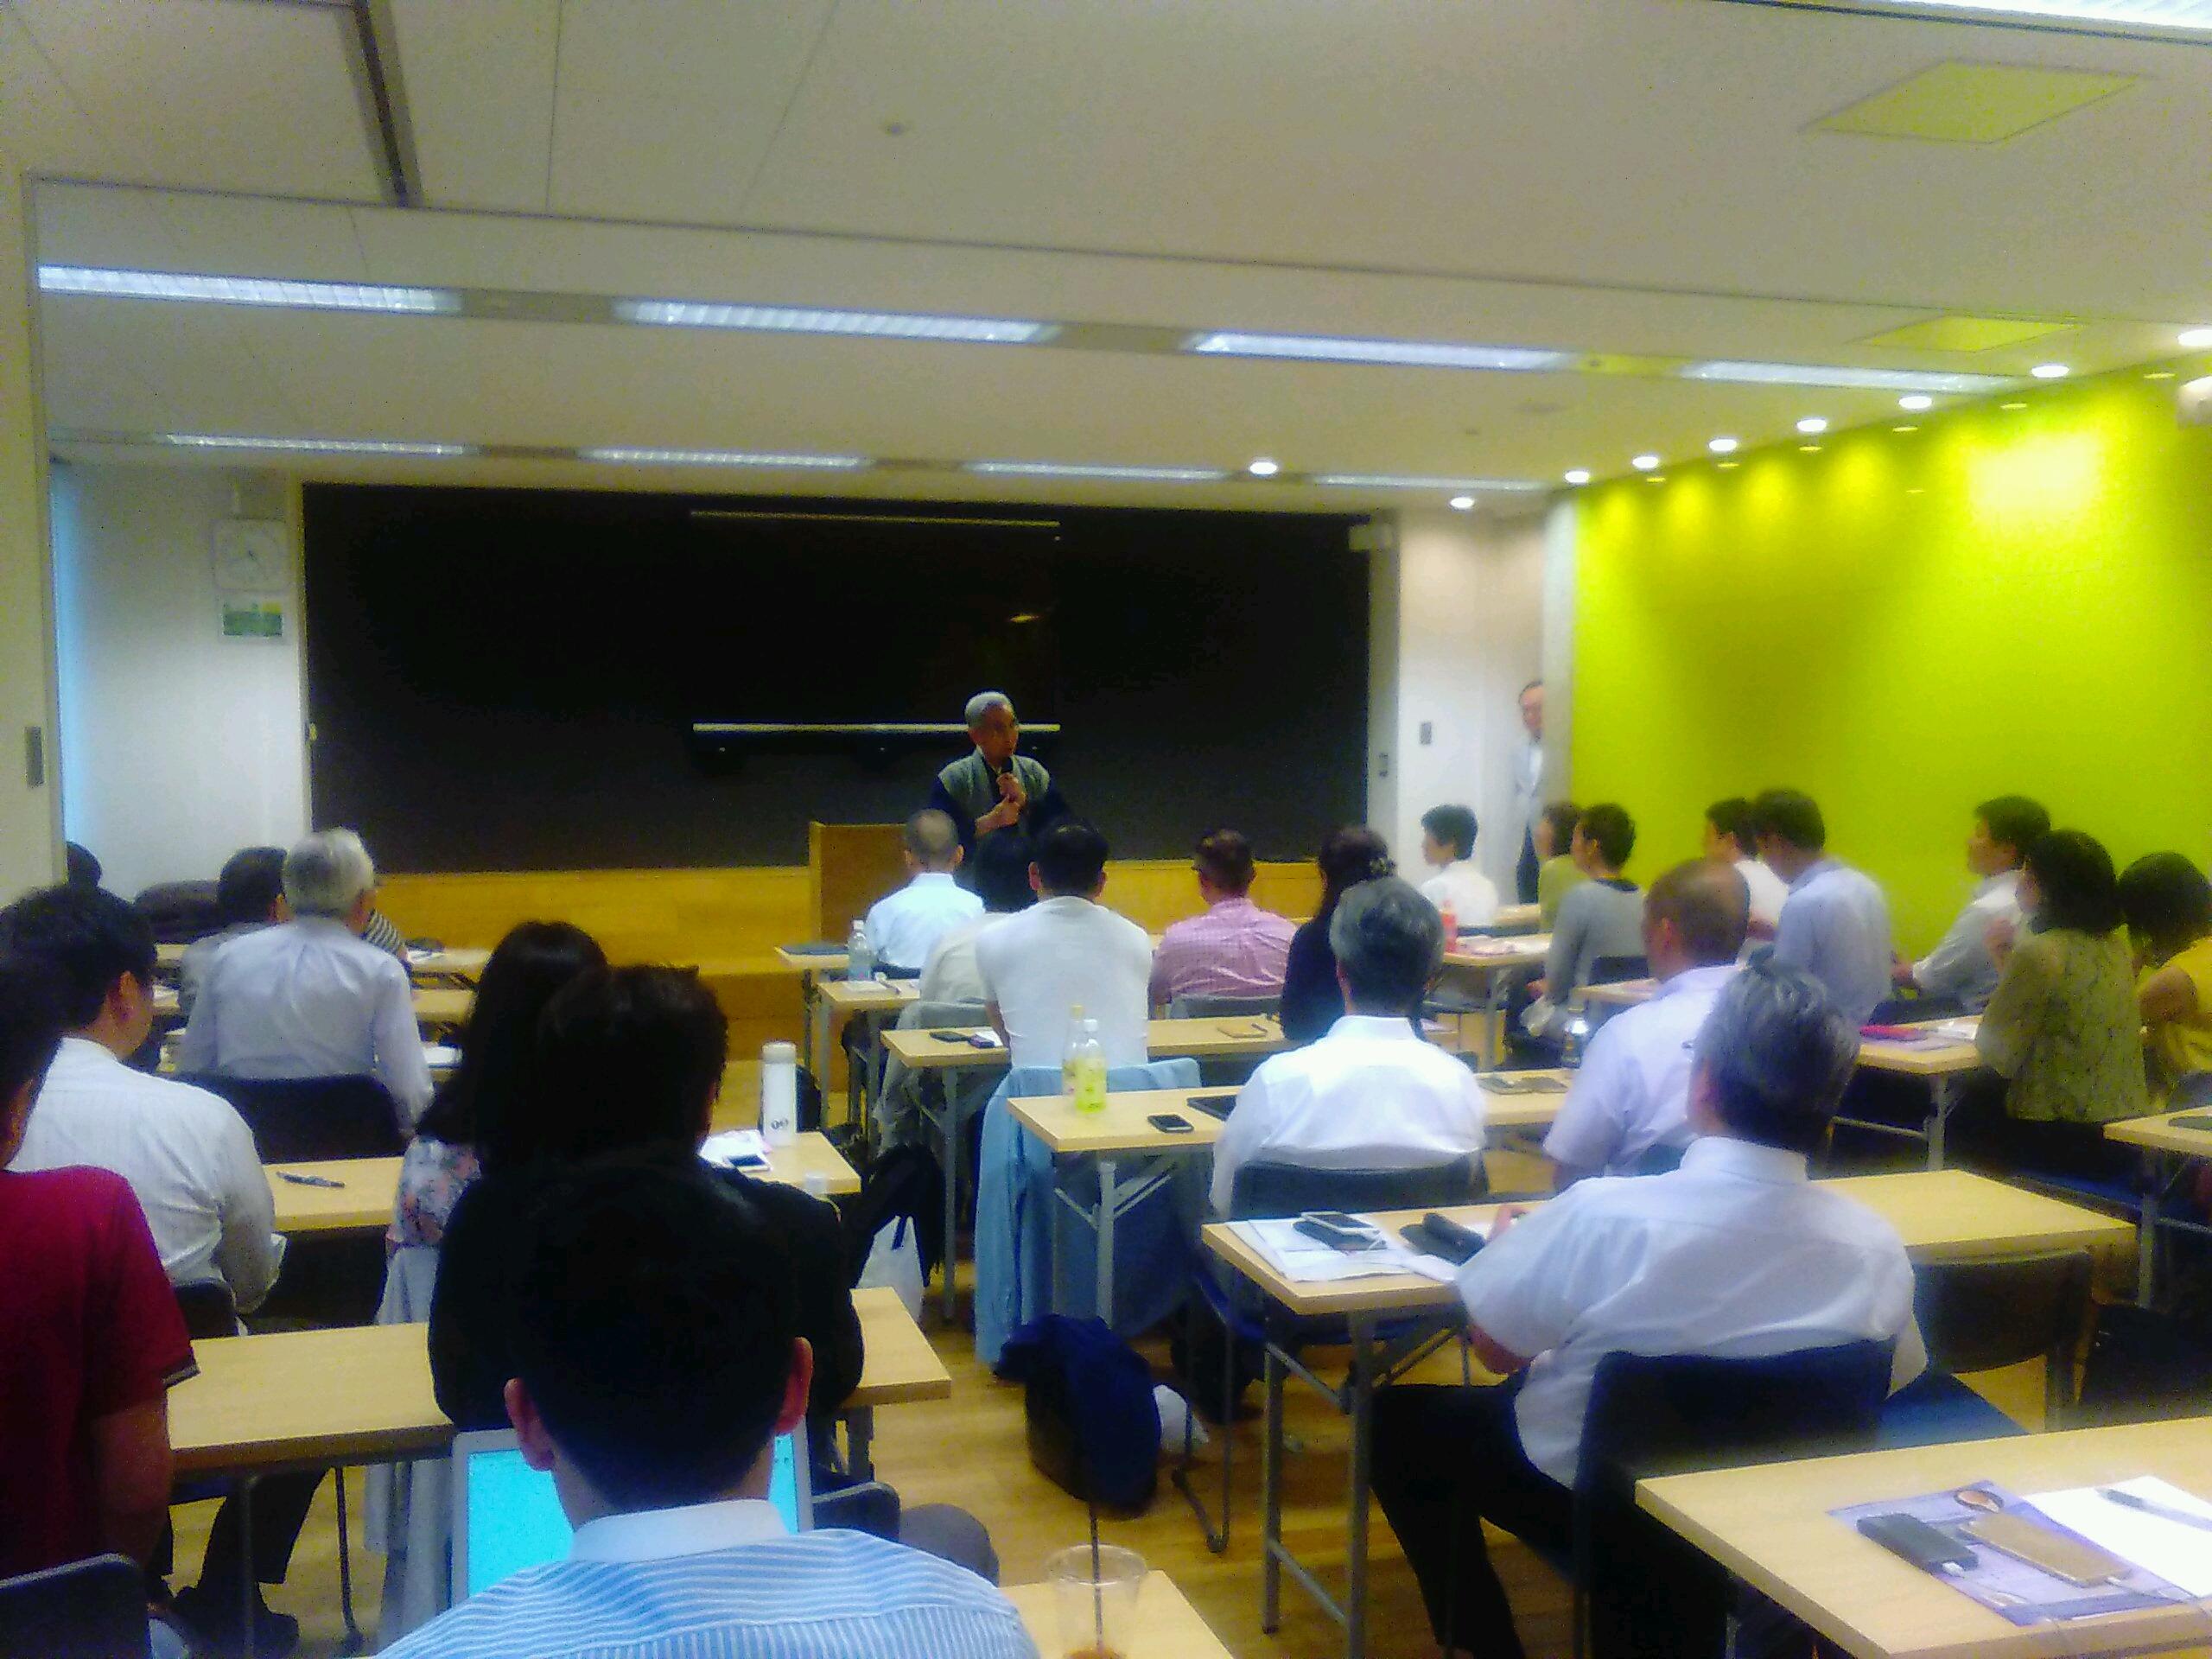 20181006164213 1 - 2018年10月6日(土)第5回東京思風塾開催しました。